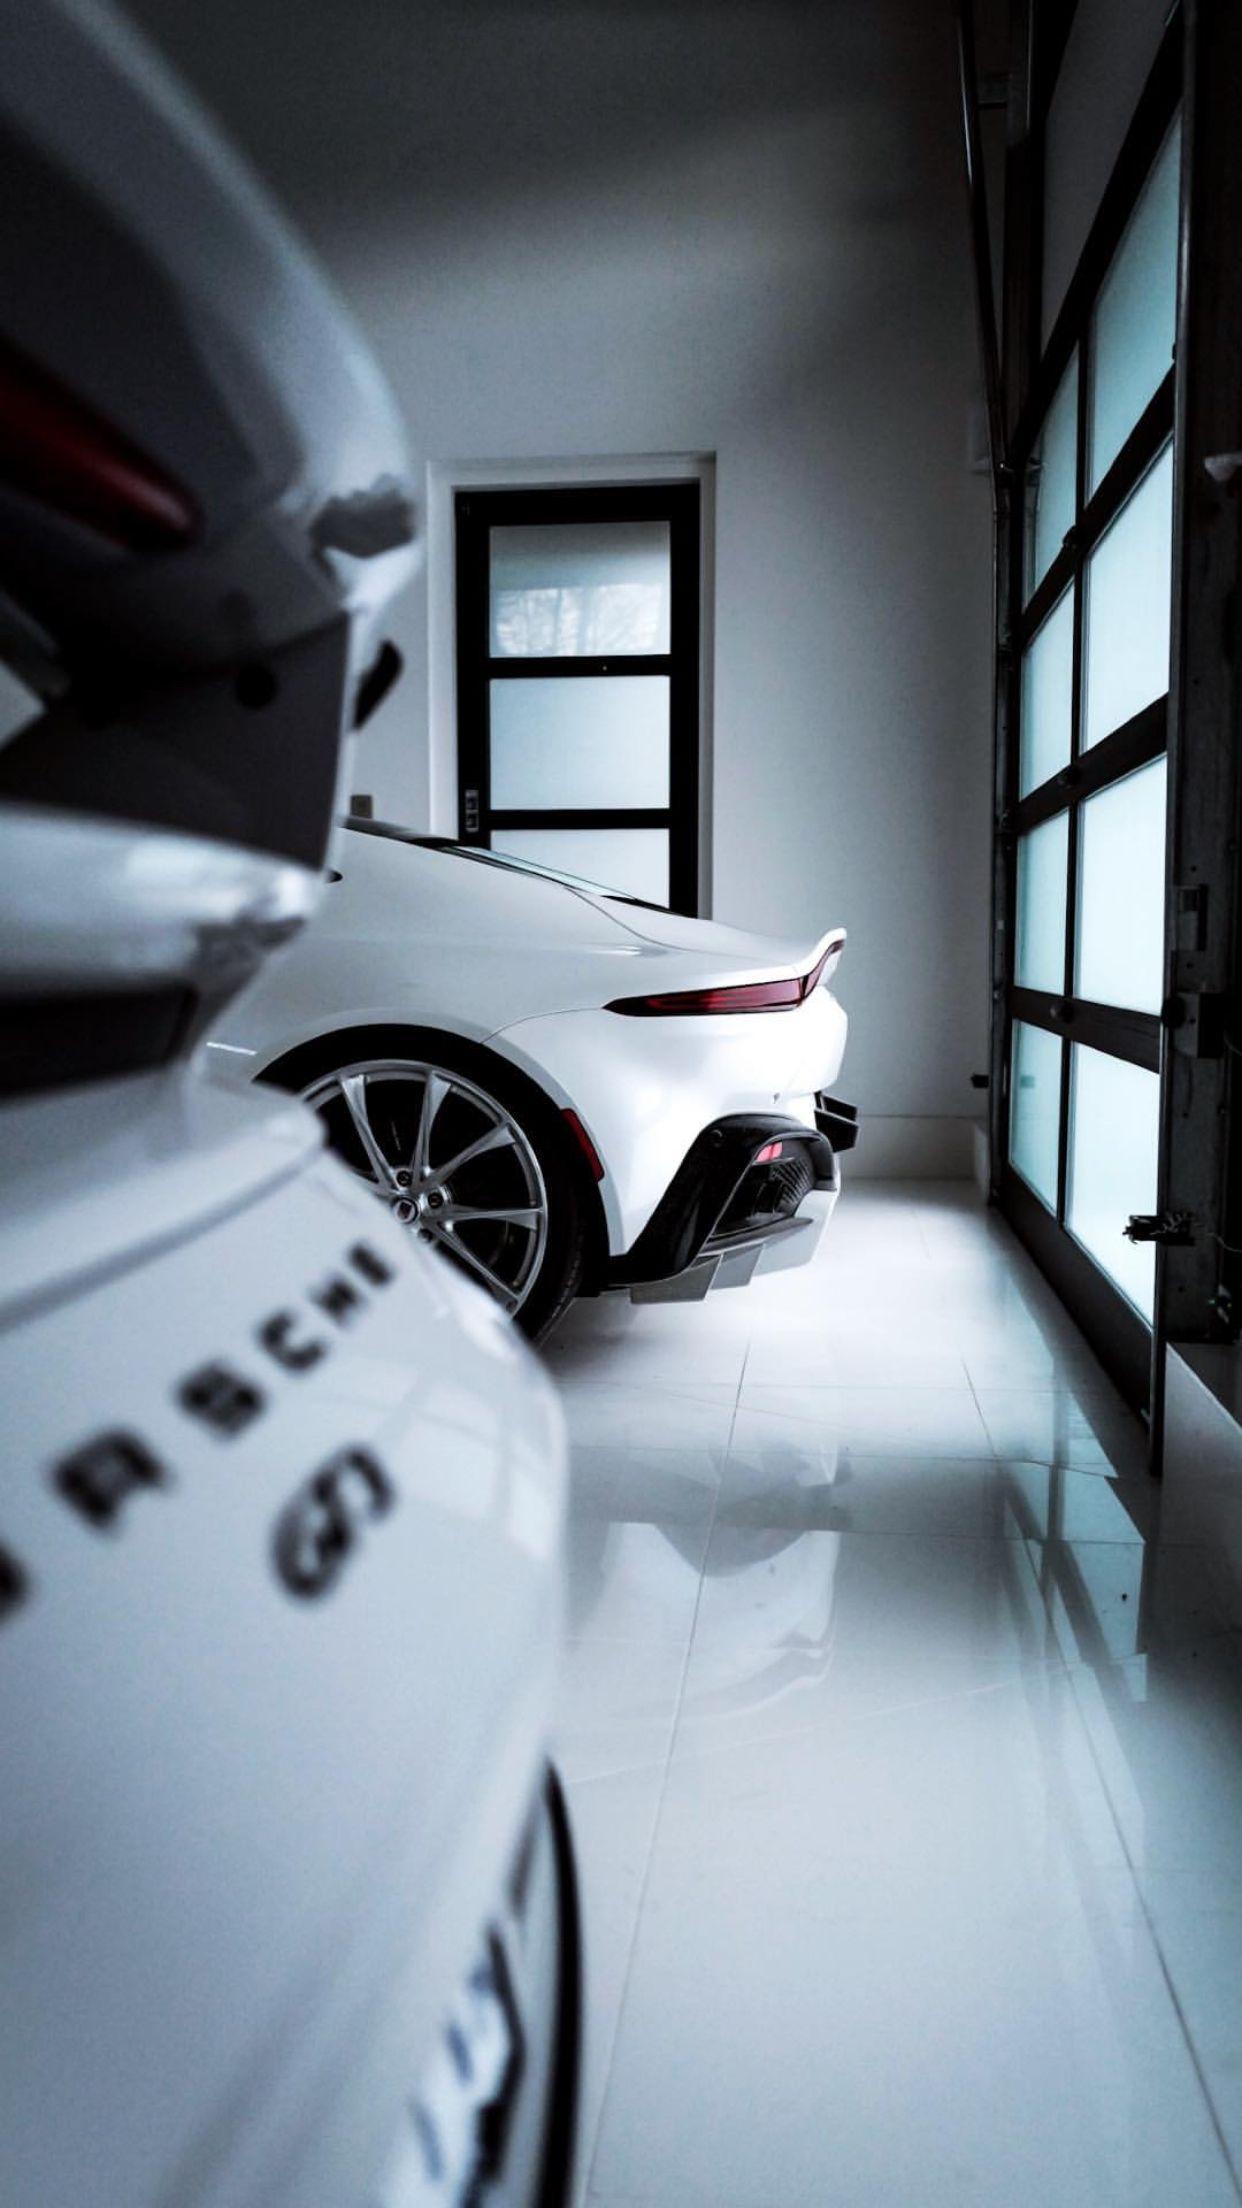 Porsche Gt3 or ???